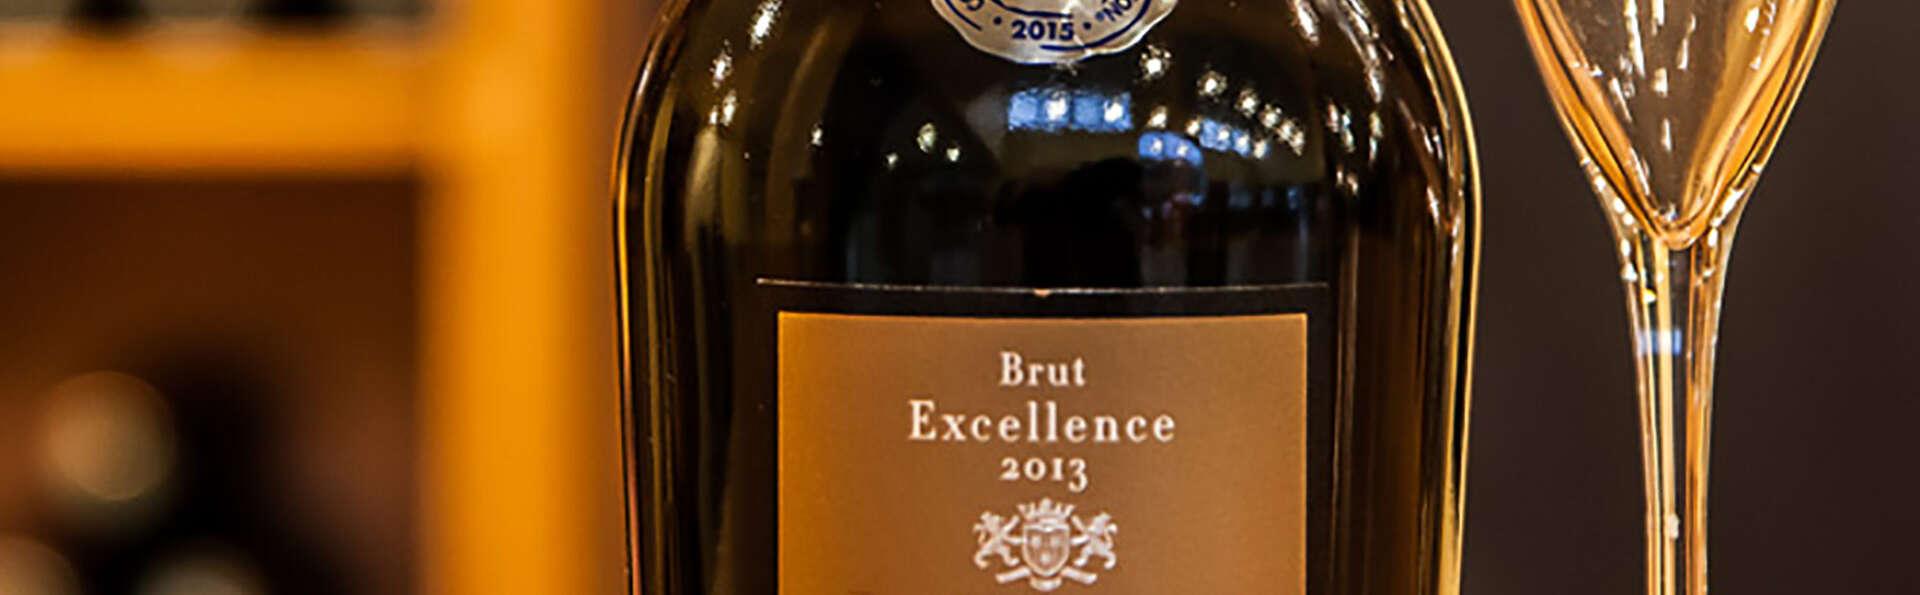 Escapade au cœur de Tours avec dégustation de vins